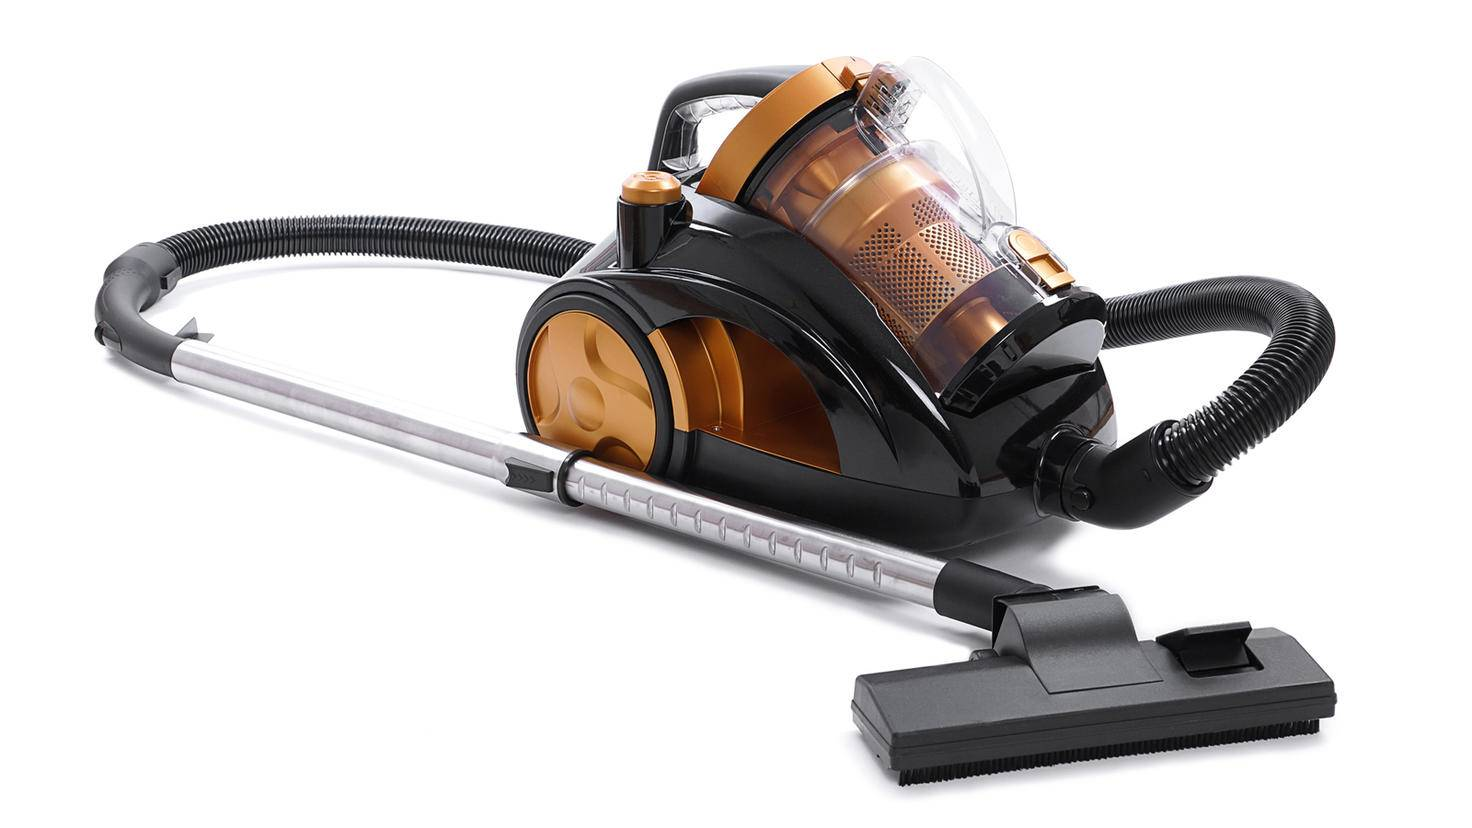 Beutellose Staubsauger nutzen Luftwirbel, um Luft und Staub zu trennen.